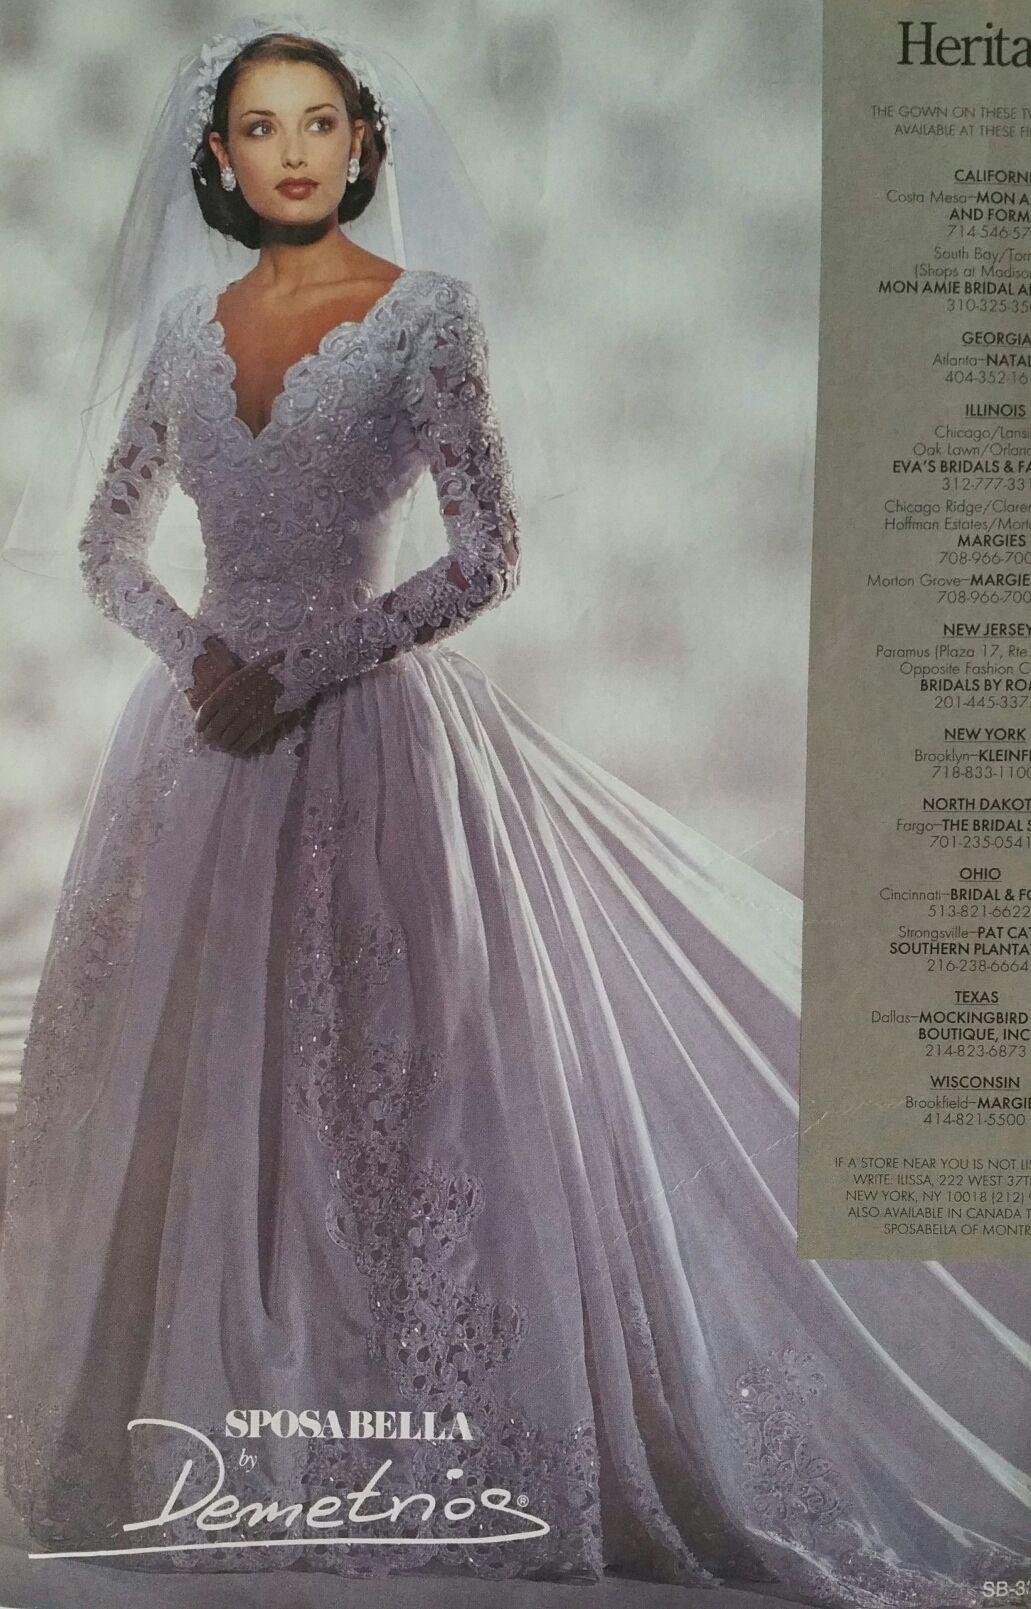 Demetrios Gown 1995 In Brides Magazine